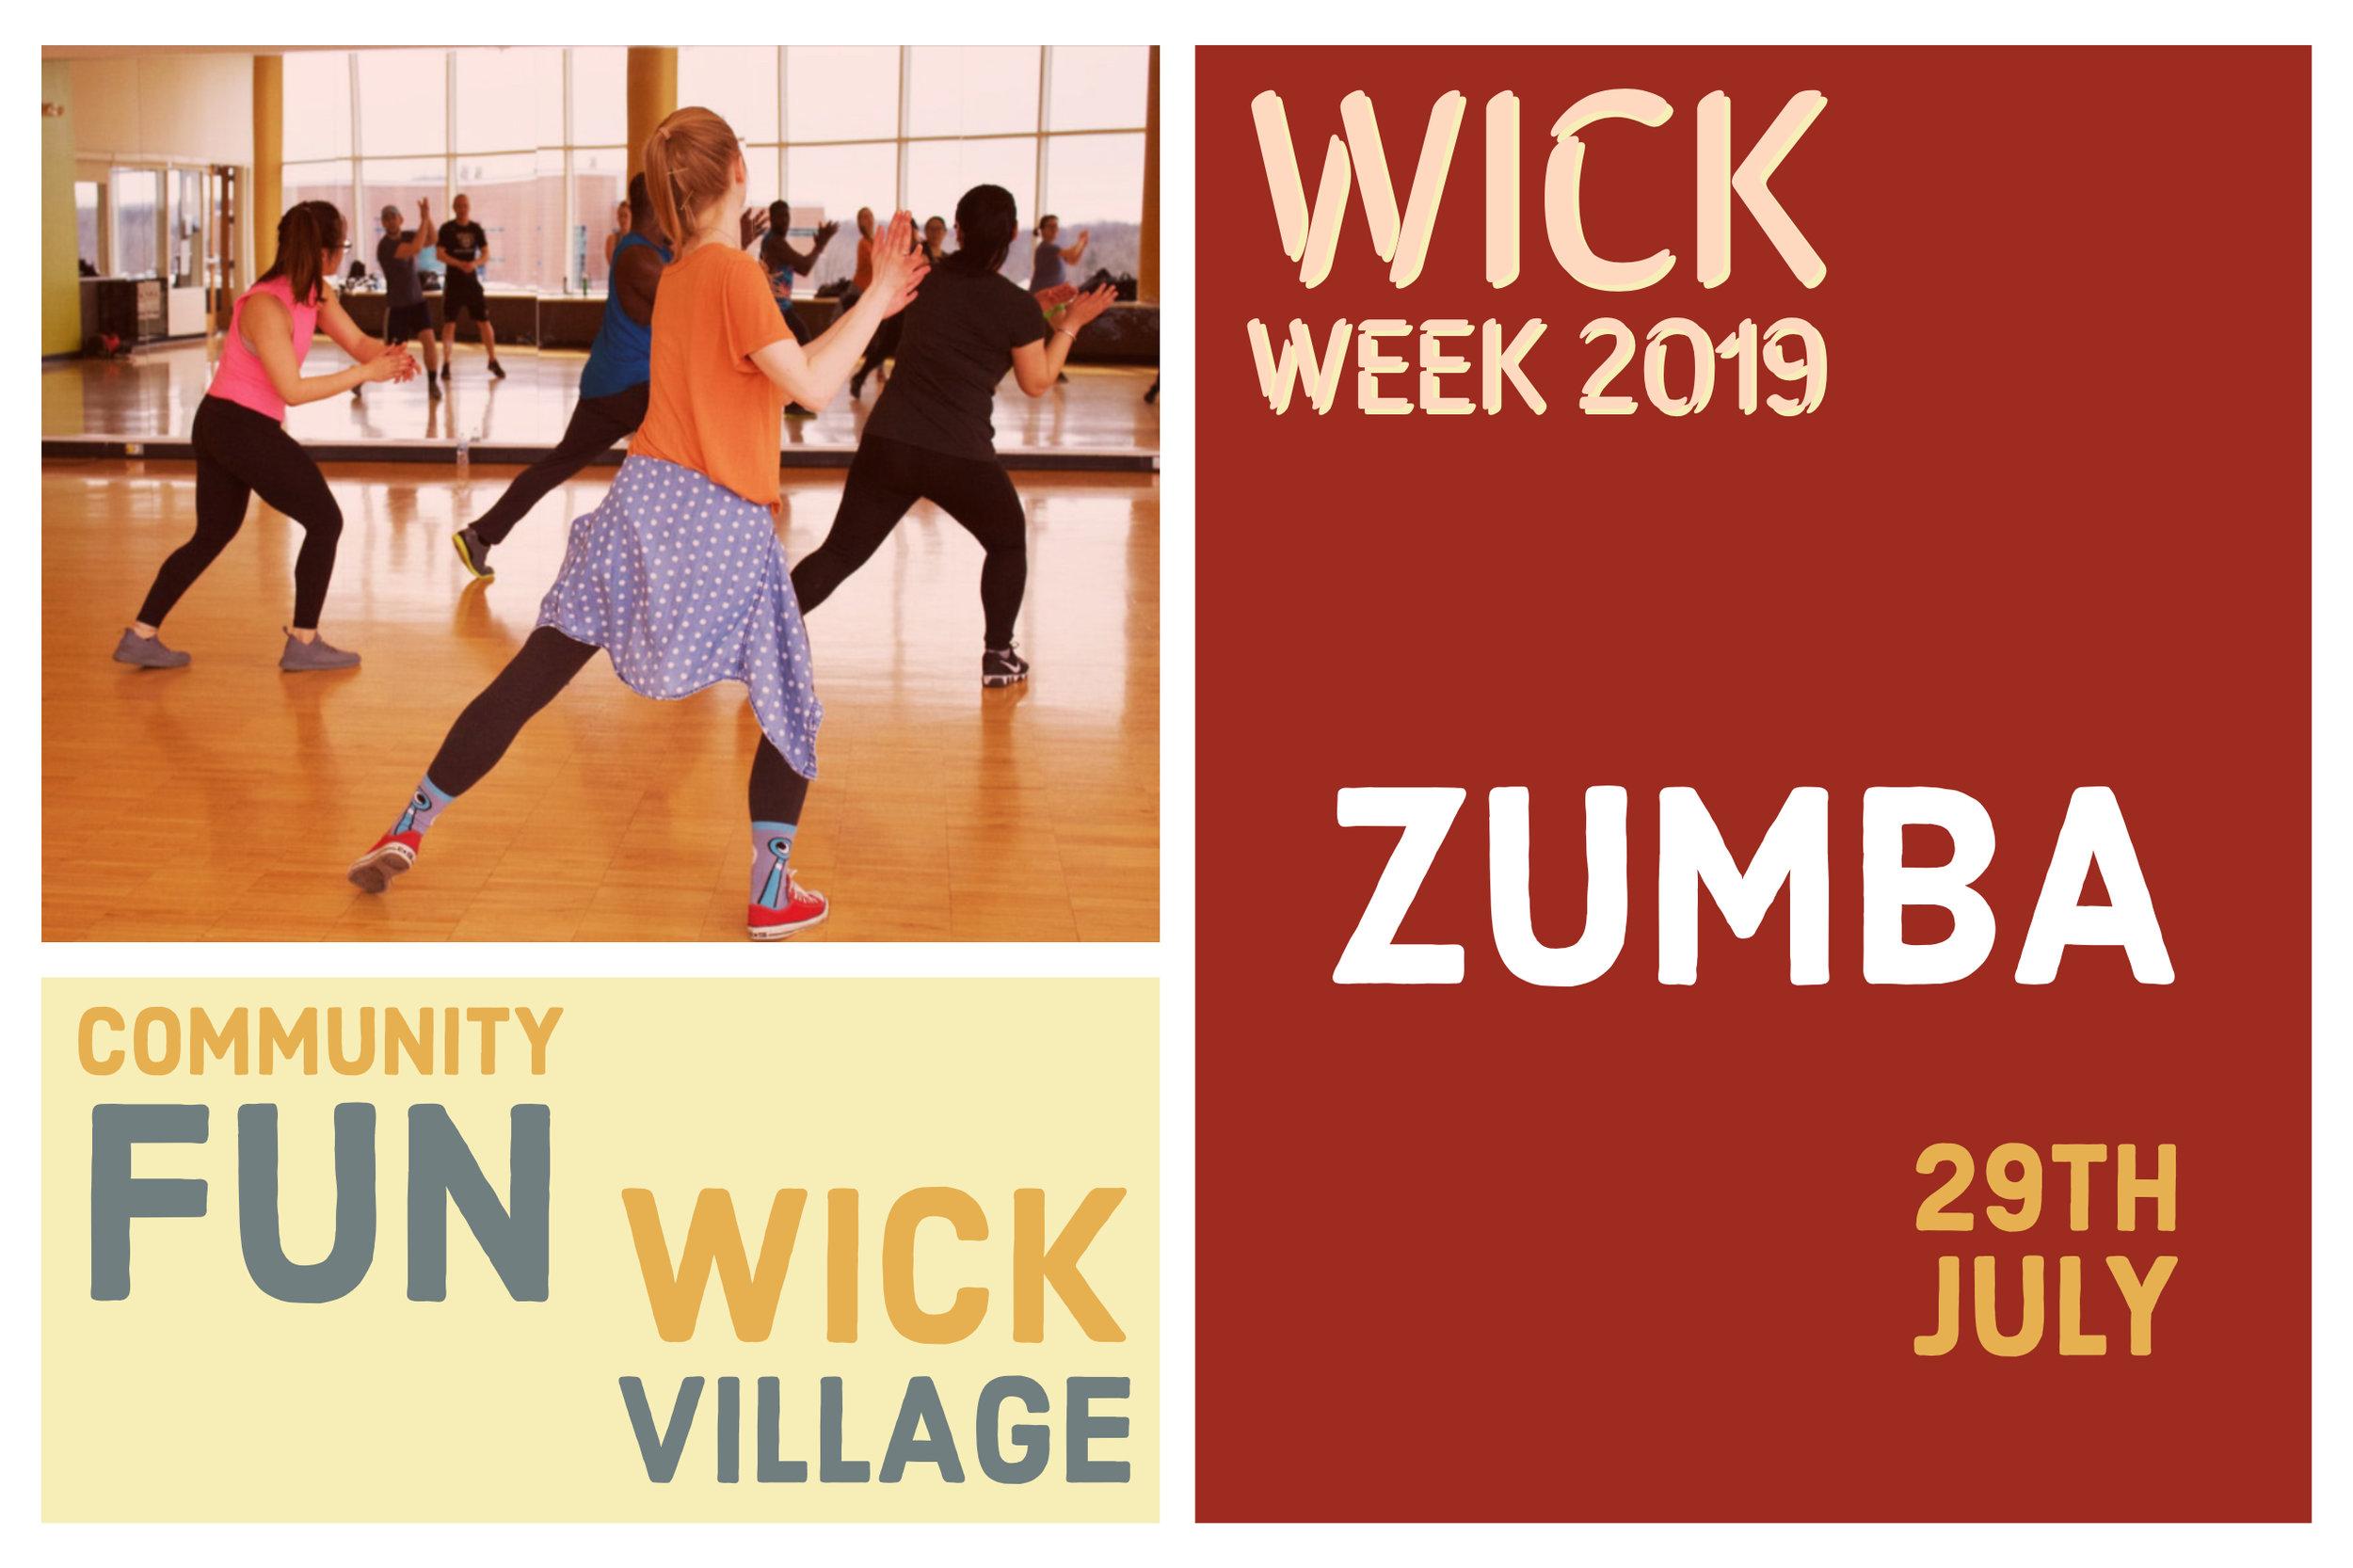 Wick Week 2019 - Zumba.